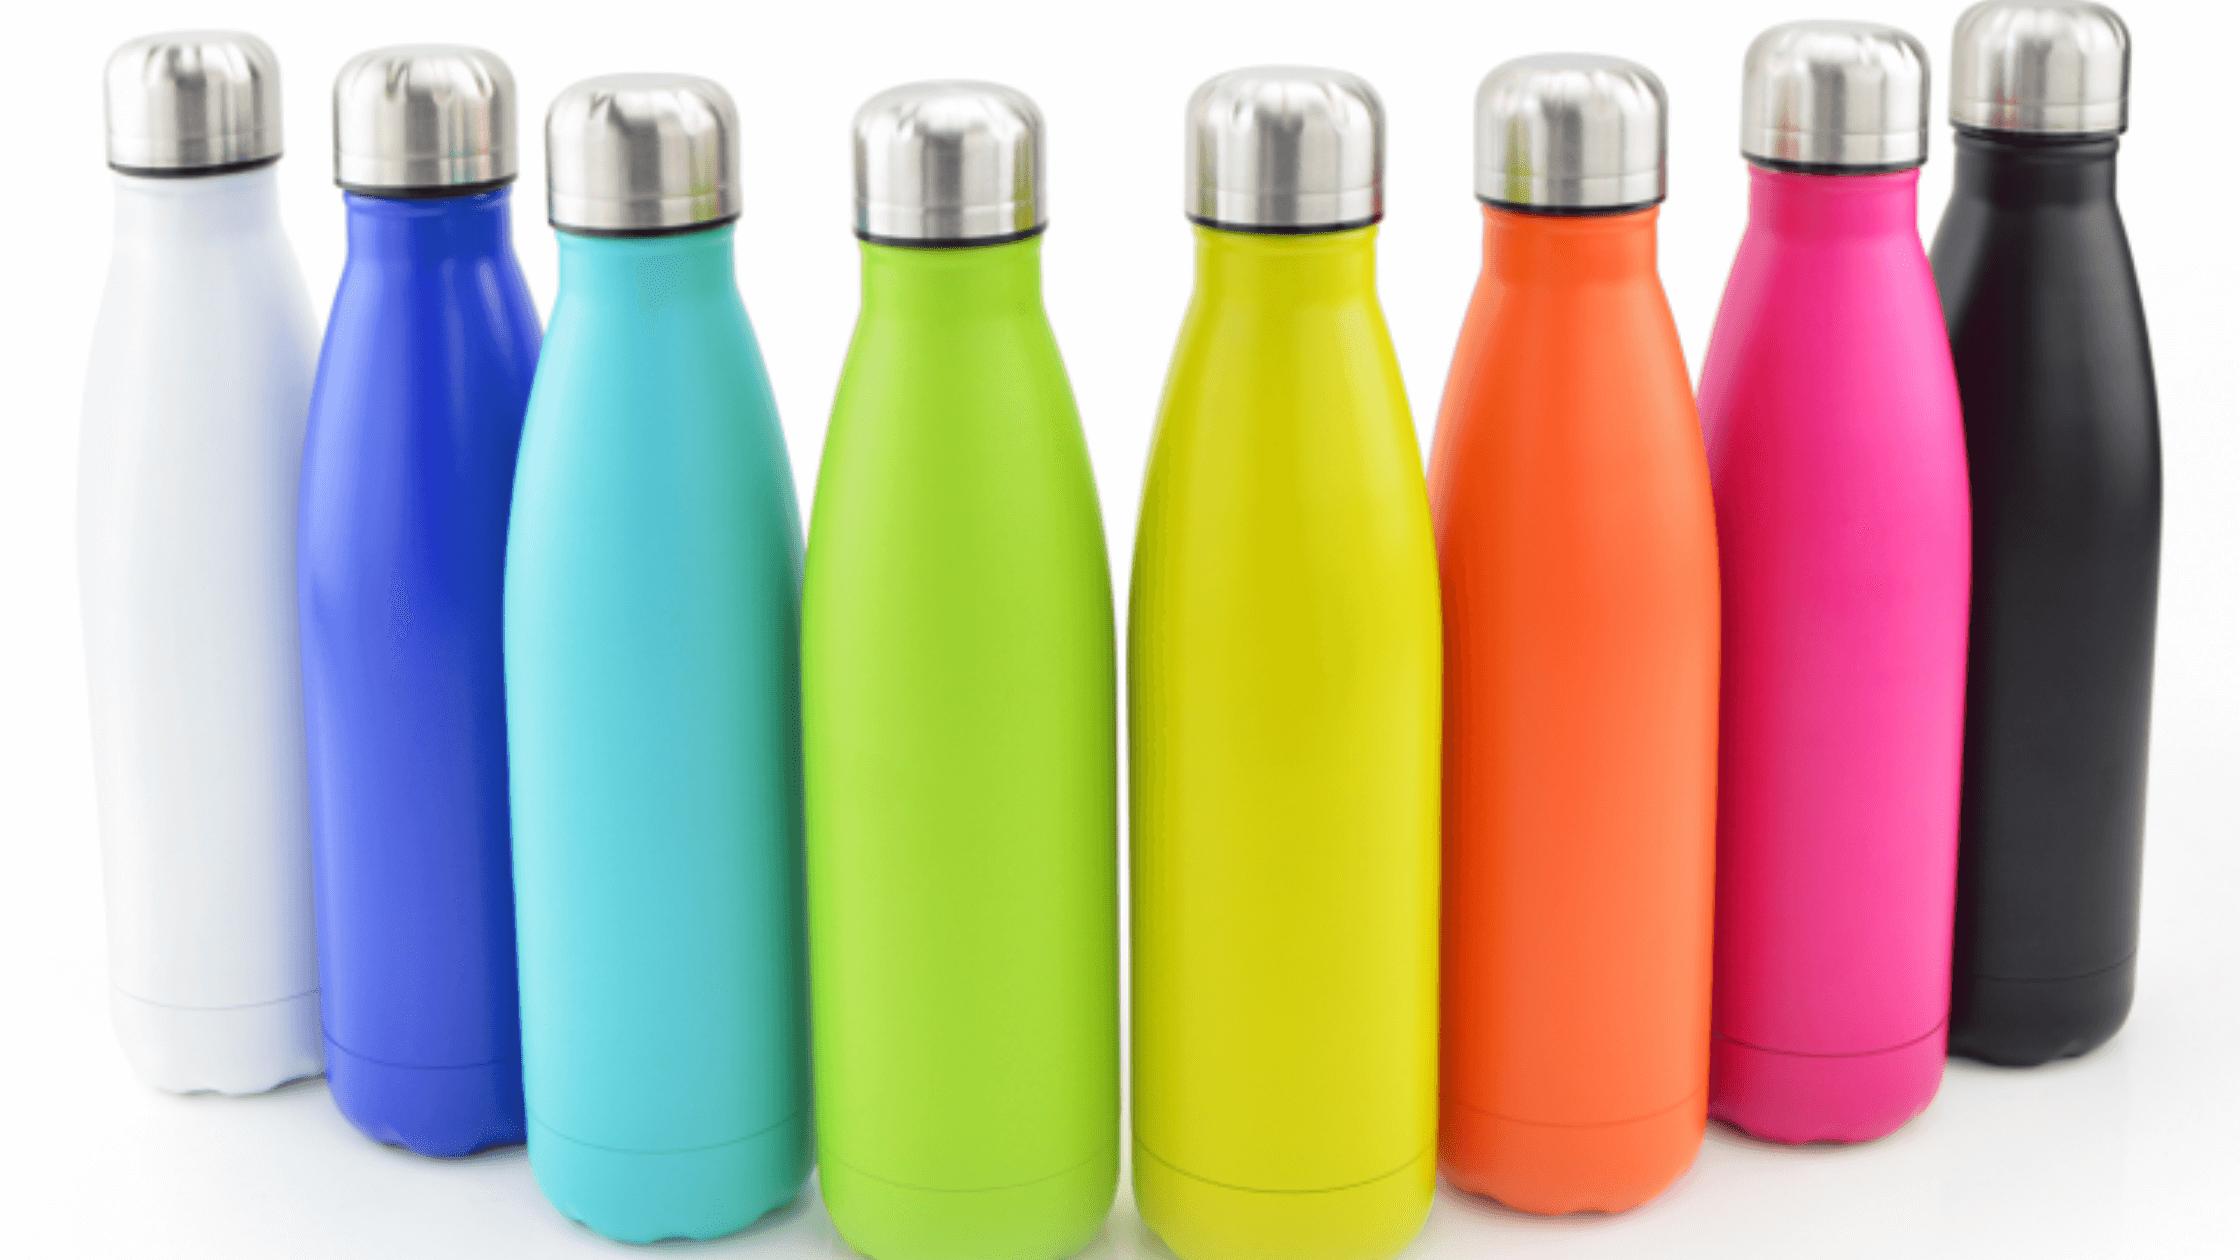 Branded Metal Bottles - Totally Branded